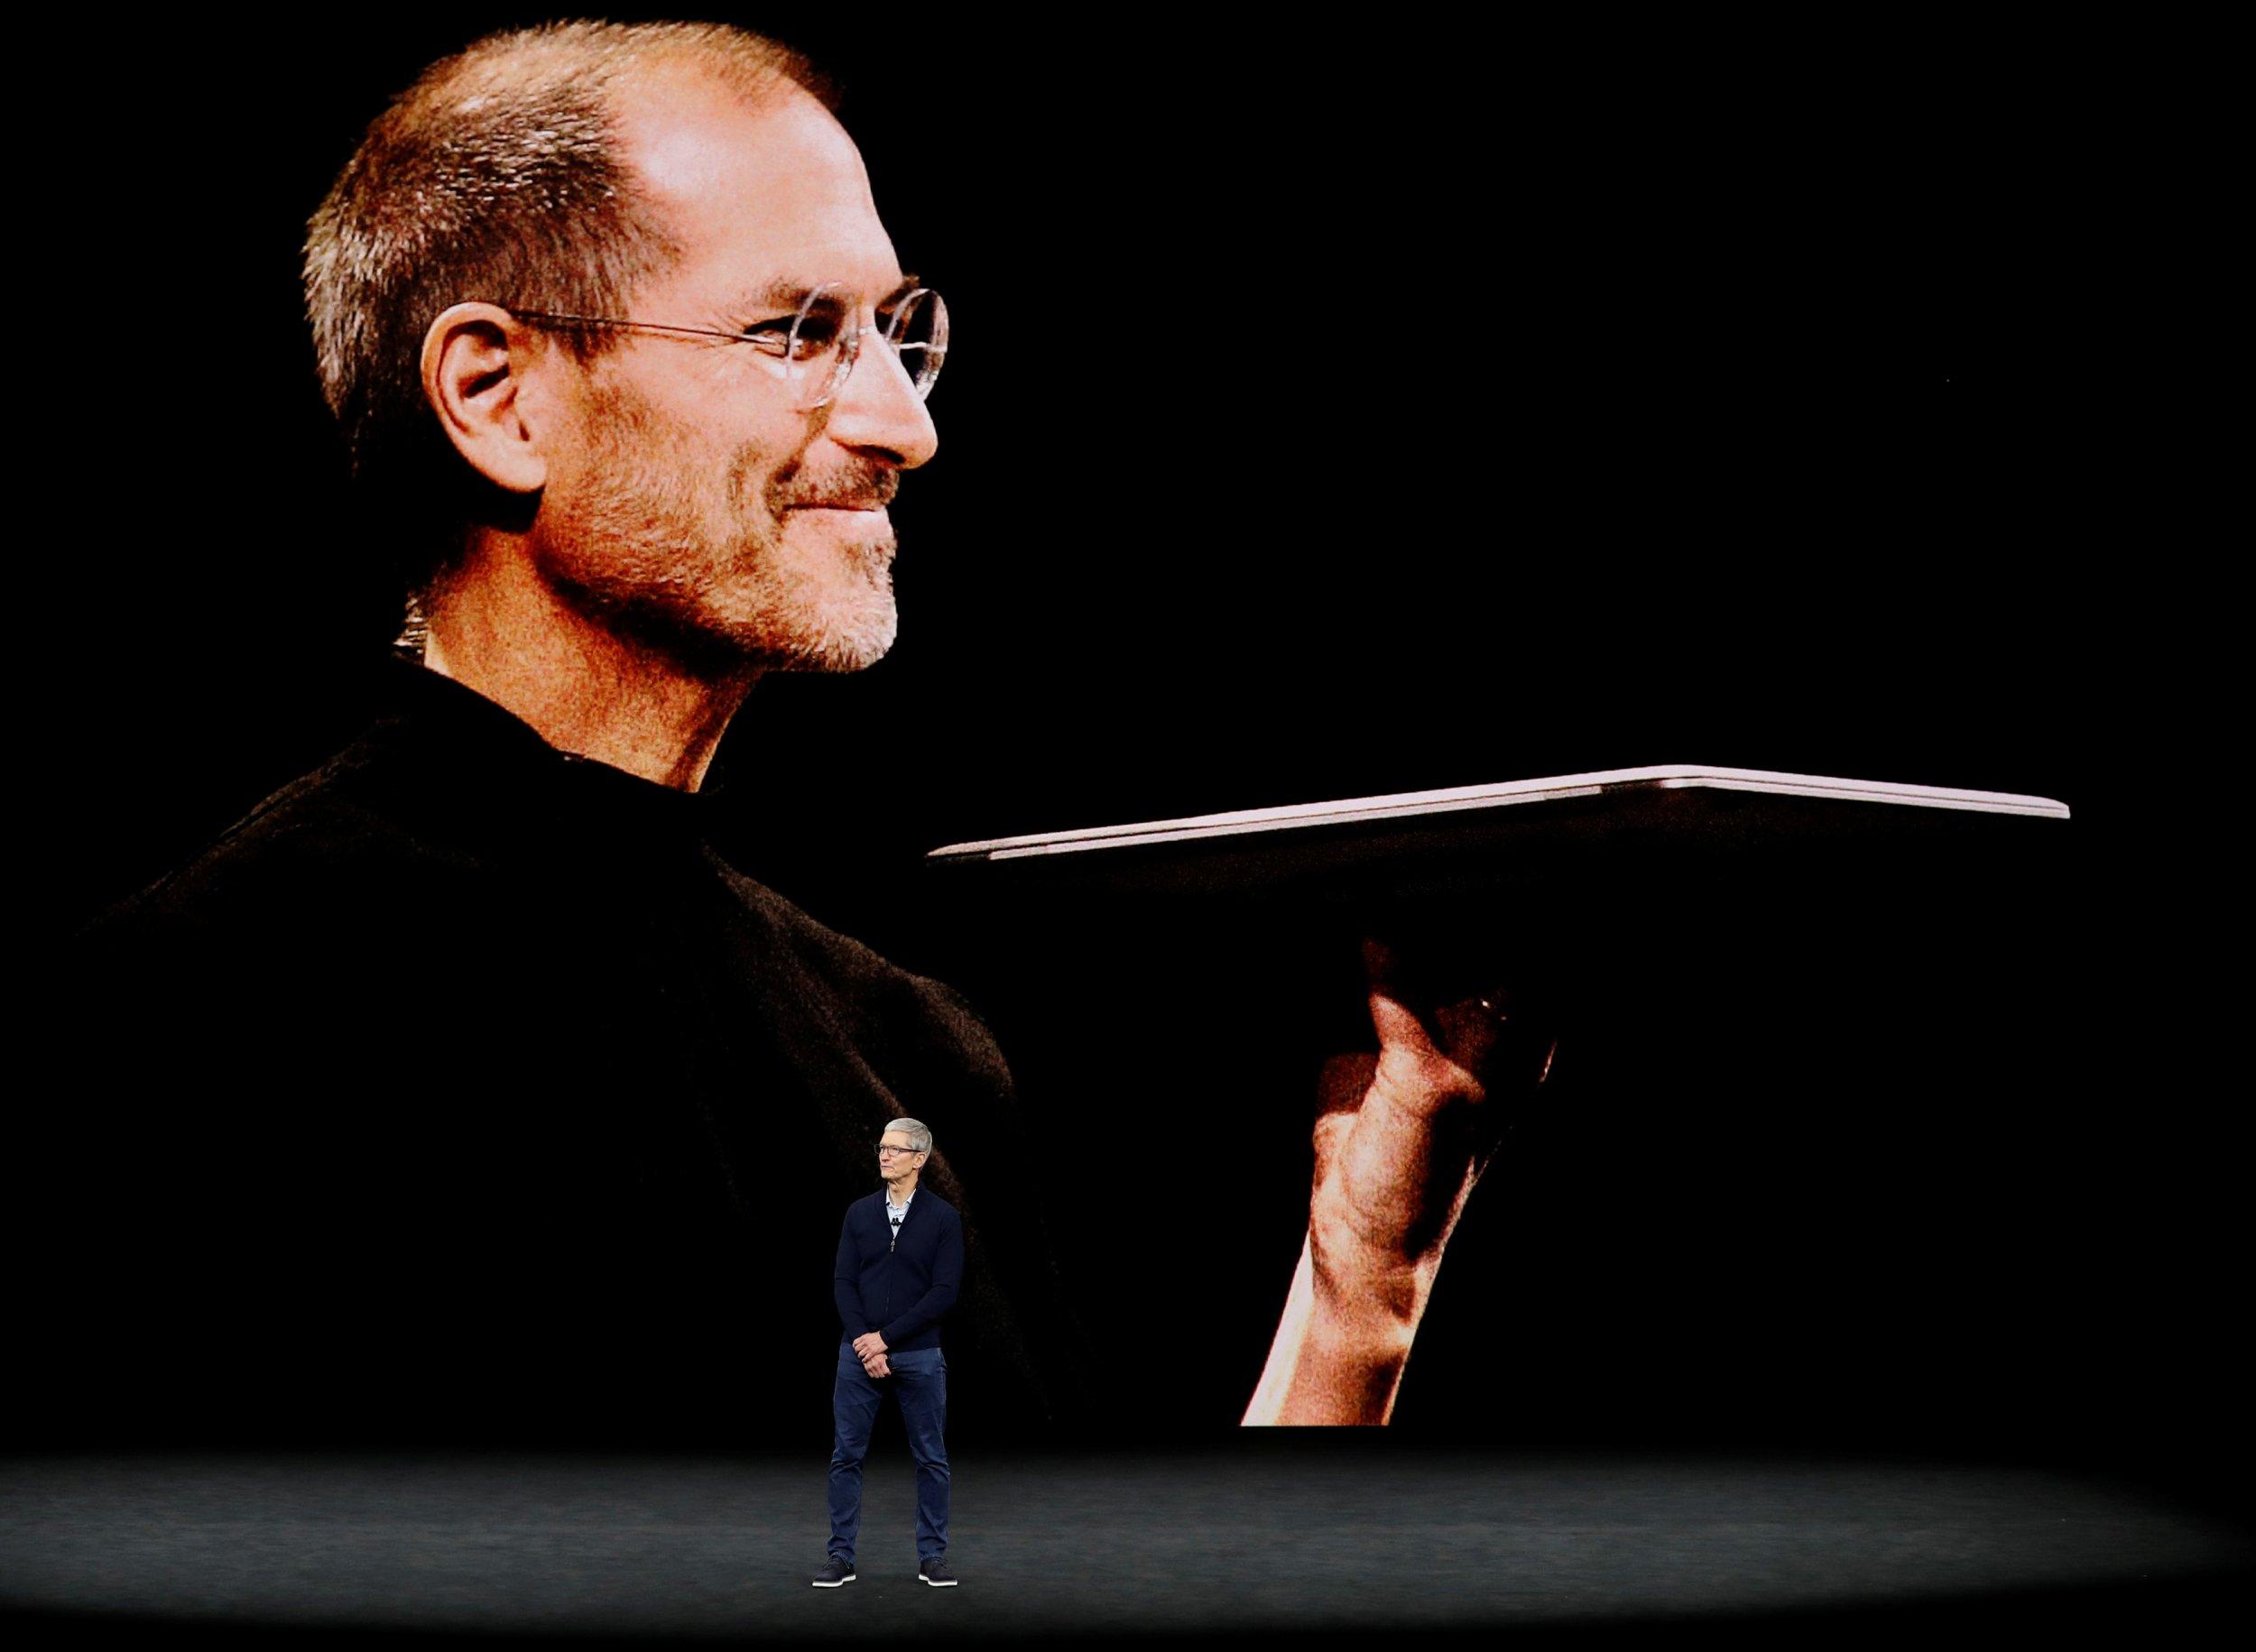 10_05_Steve_Jobs